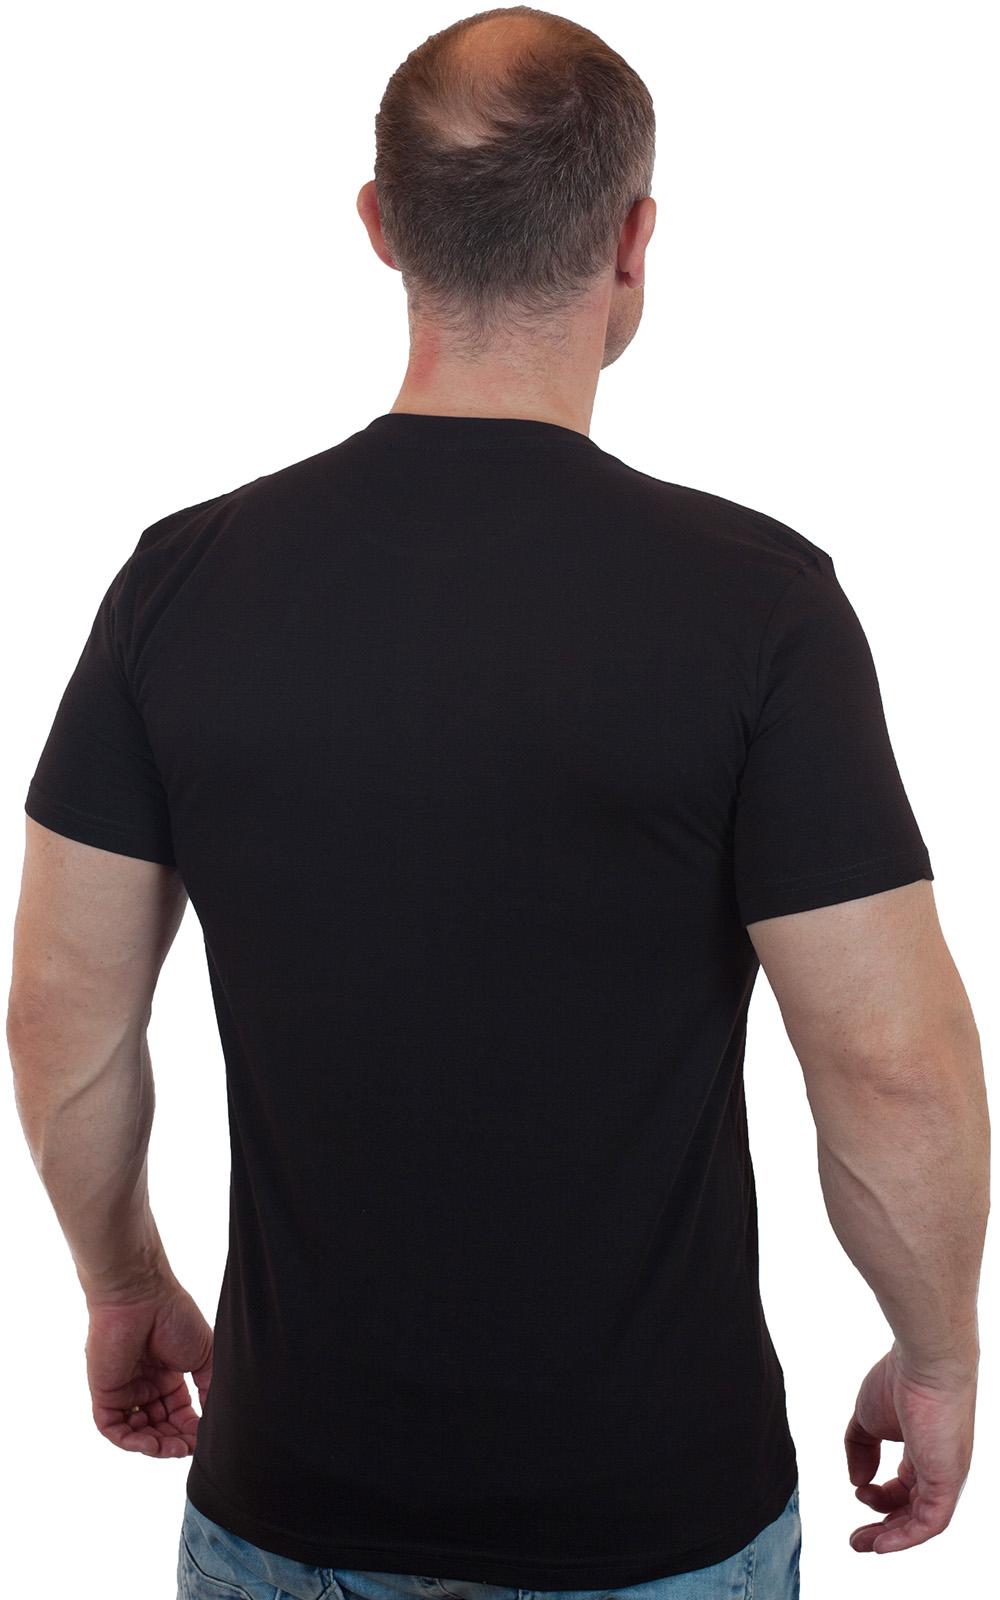 Мужская футболка для героев МЧС